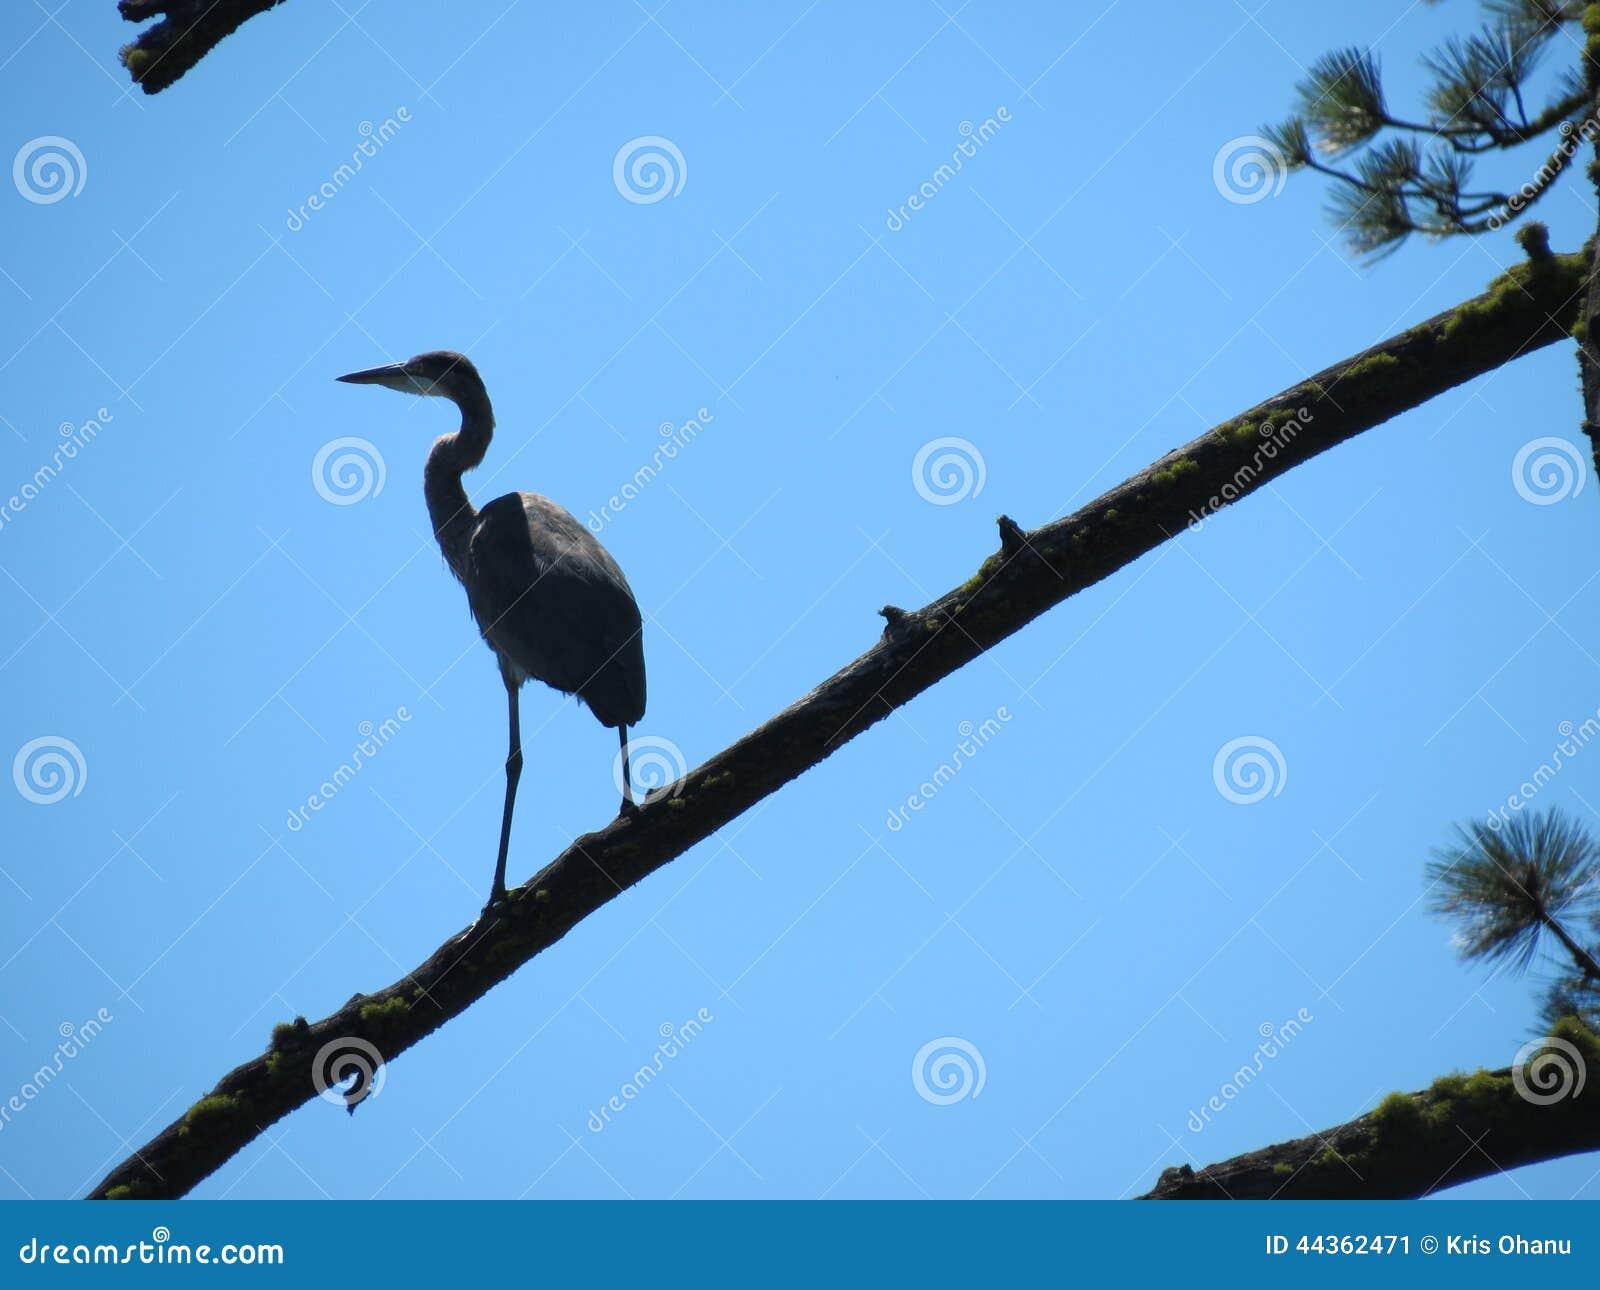 Crane Perch